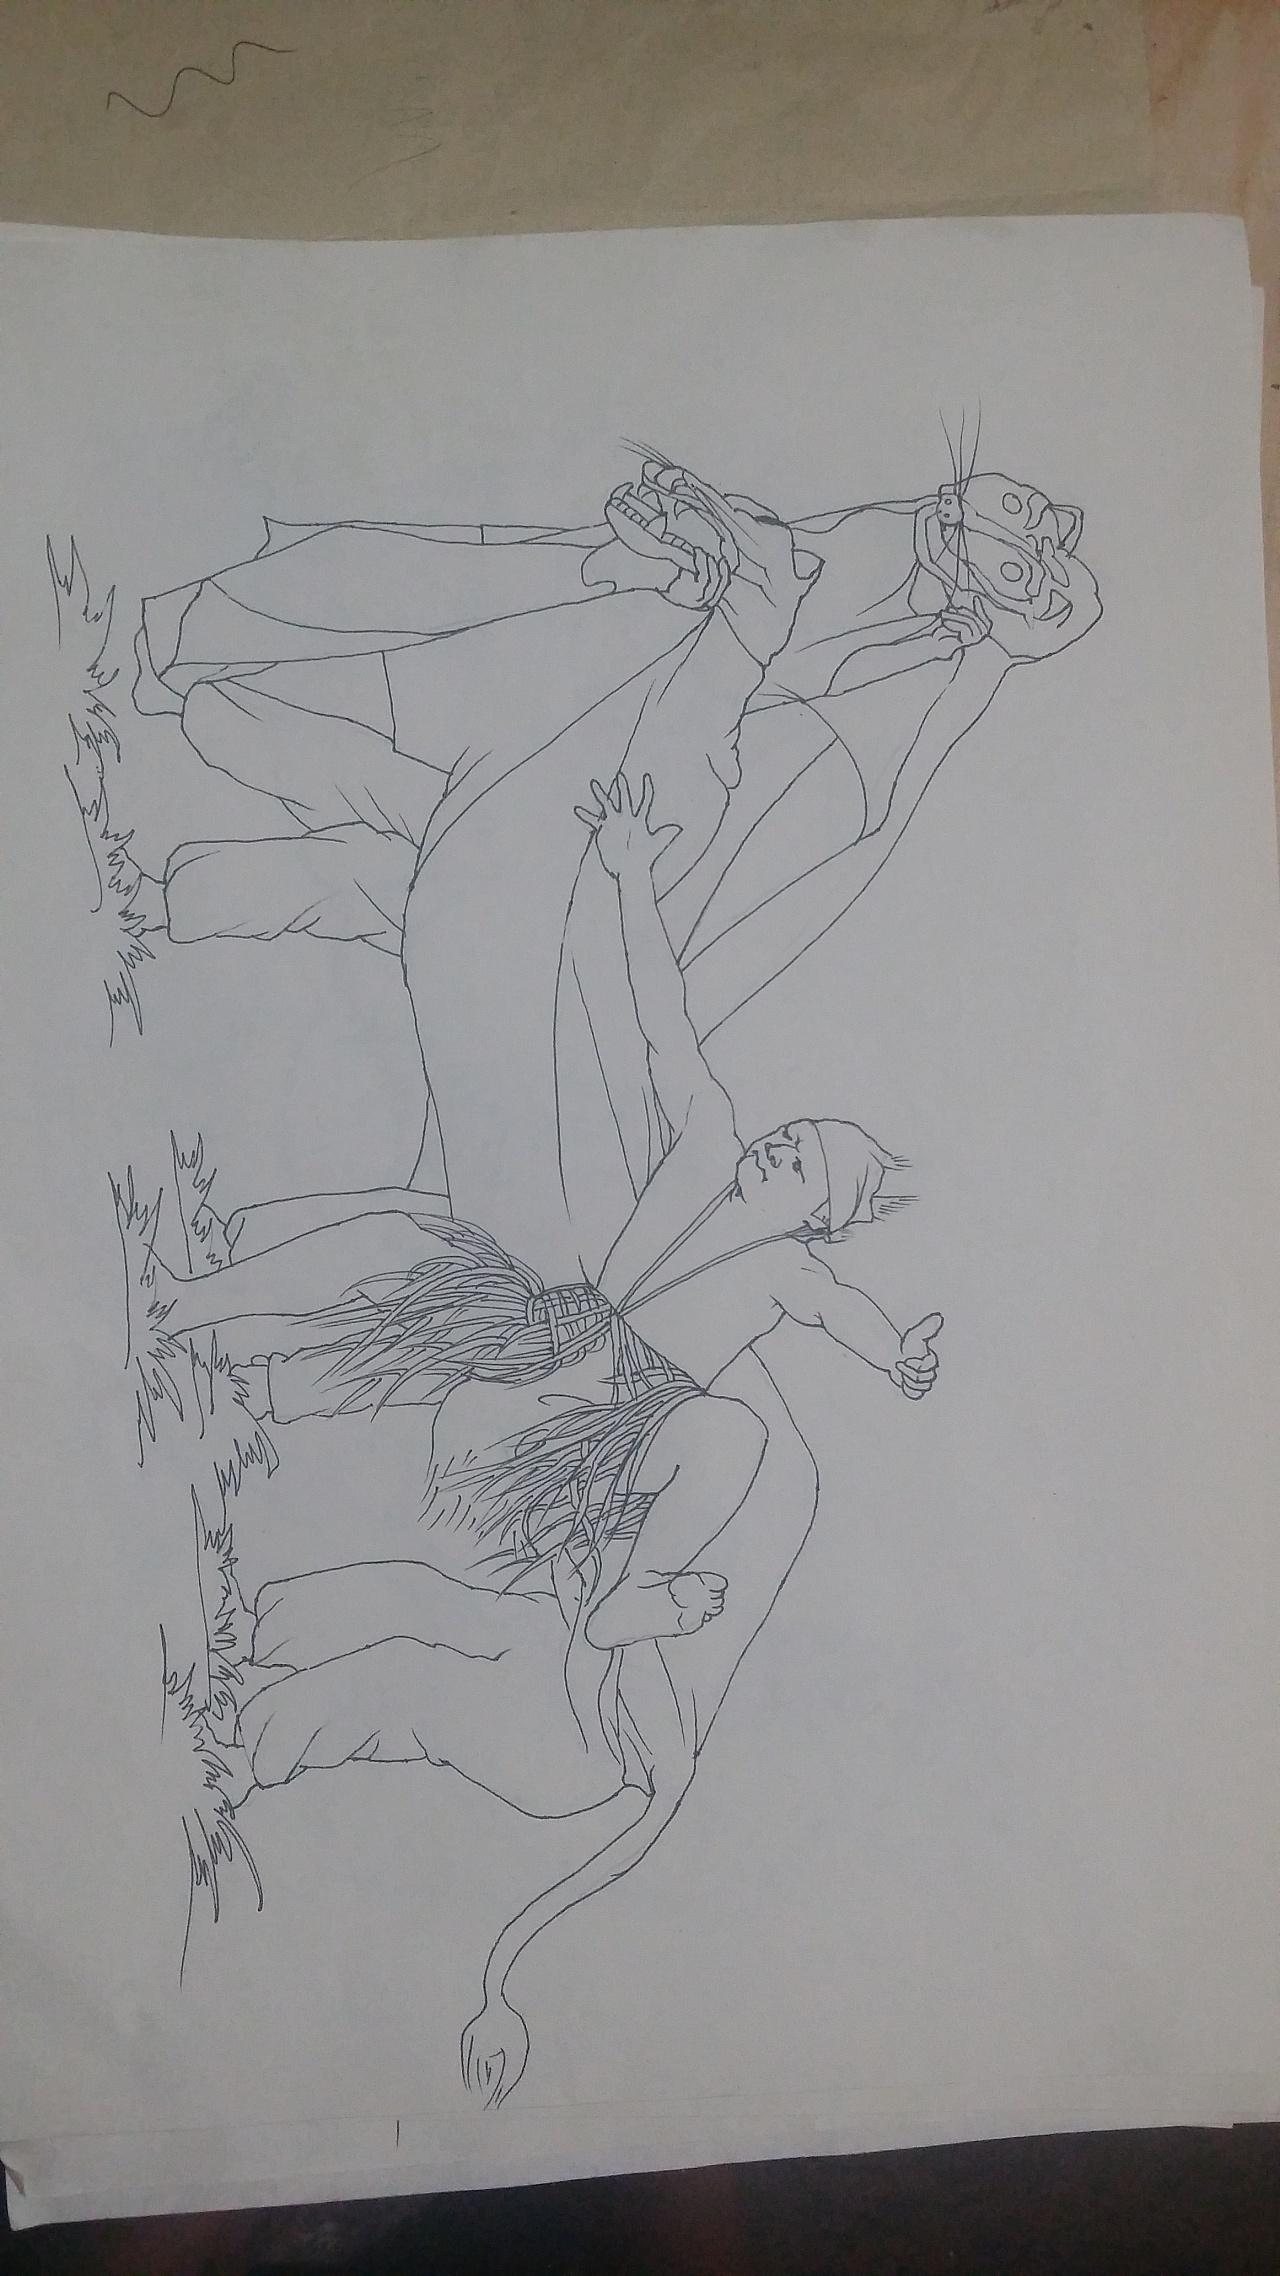 云南彝族阿细墙体彩绘手绘设计稿